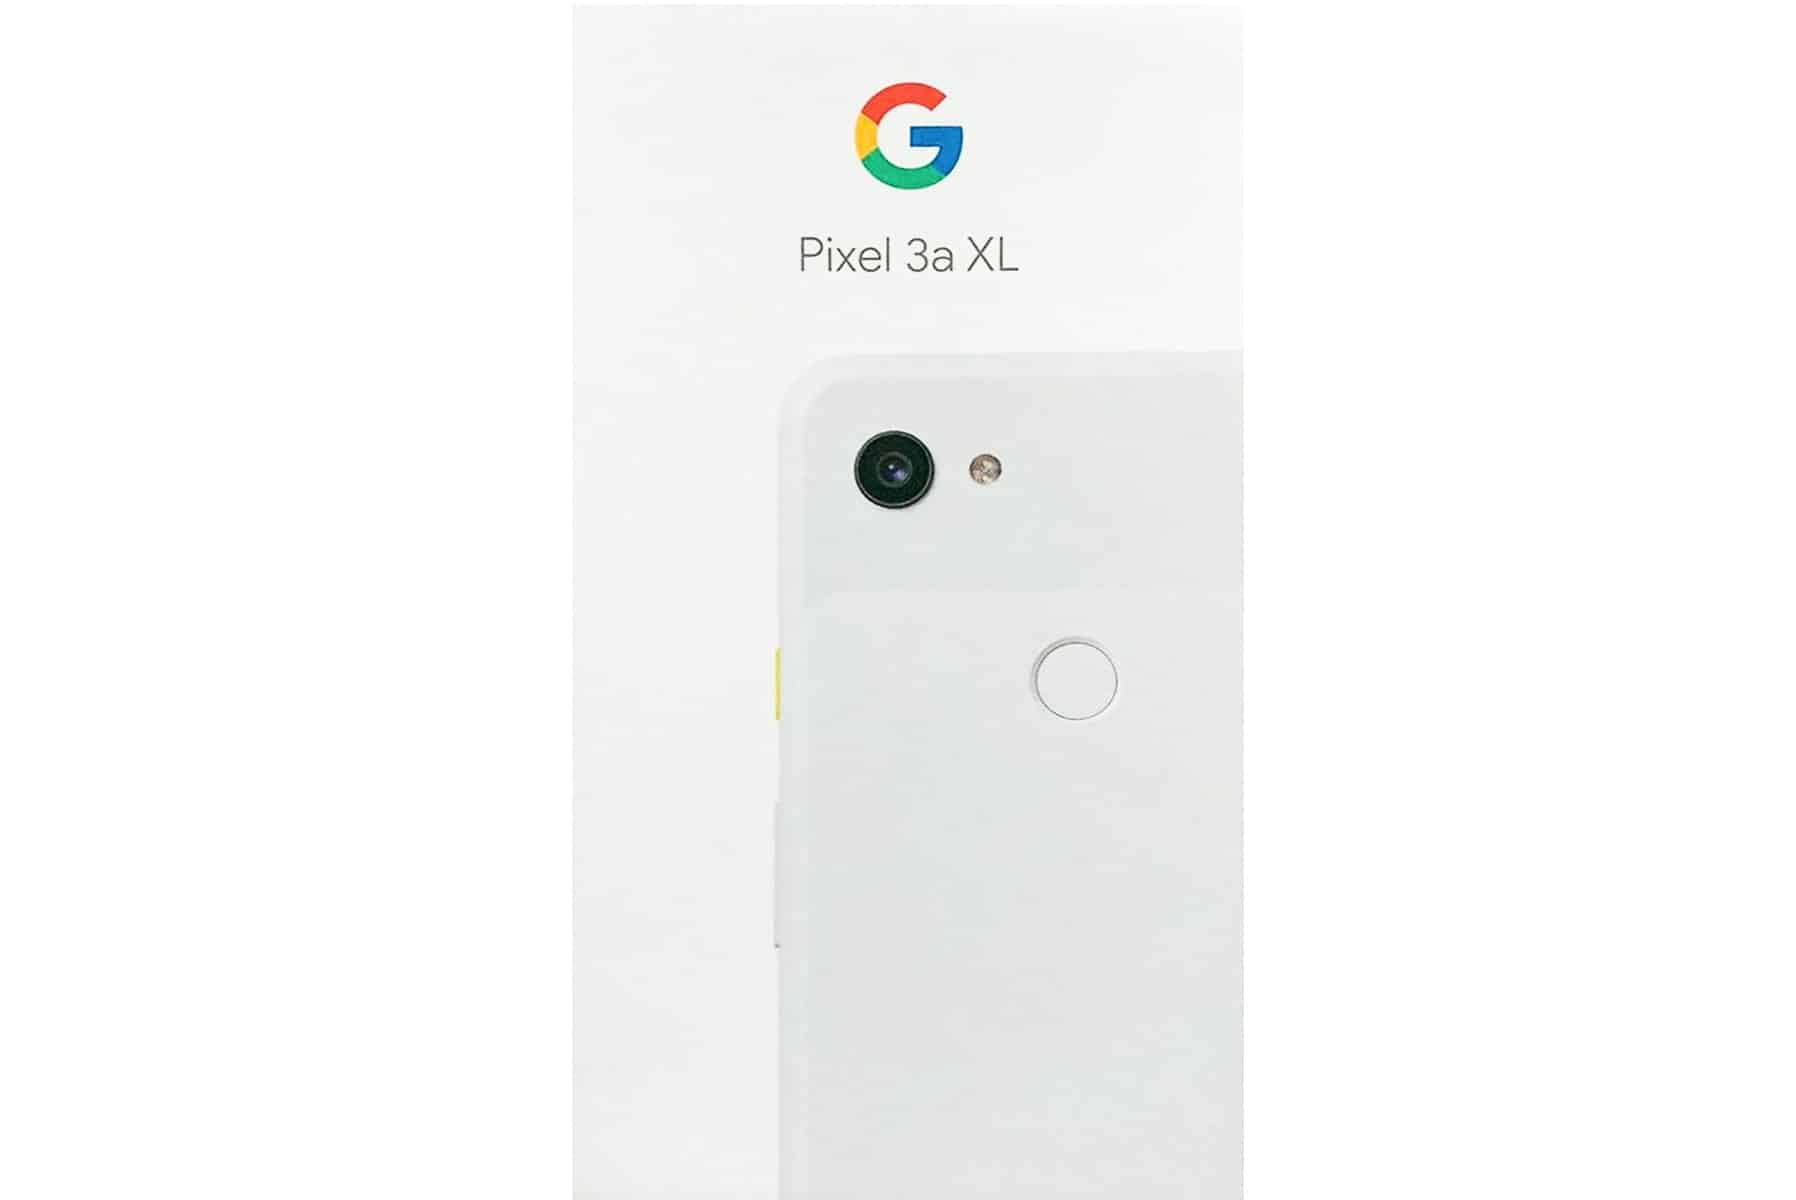 Google Pixel 3a XL Packaging 05012019